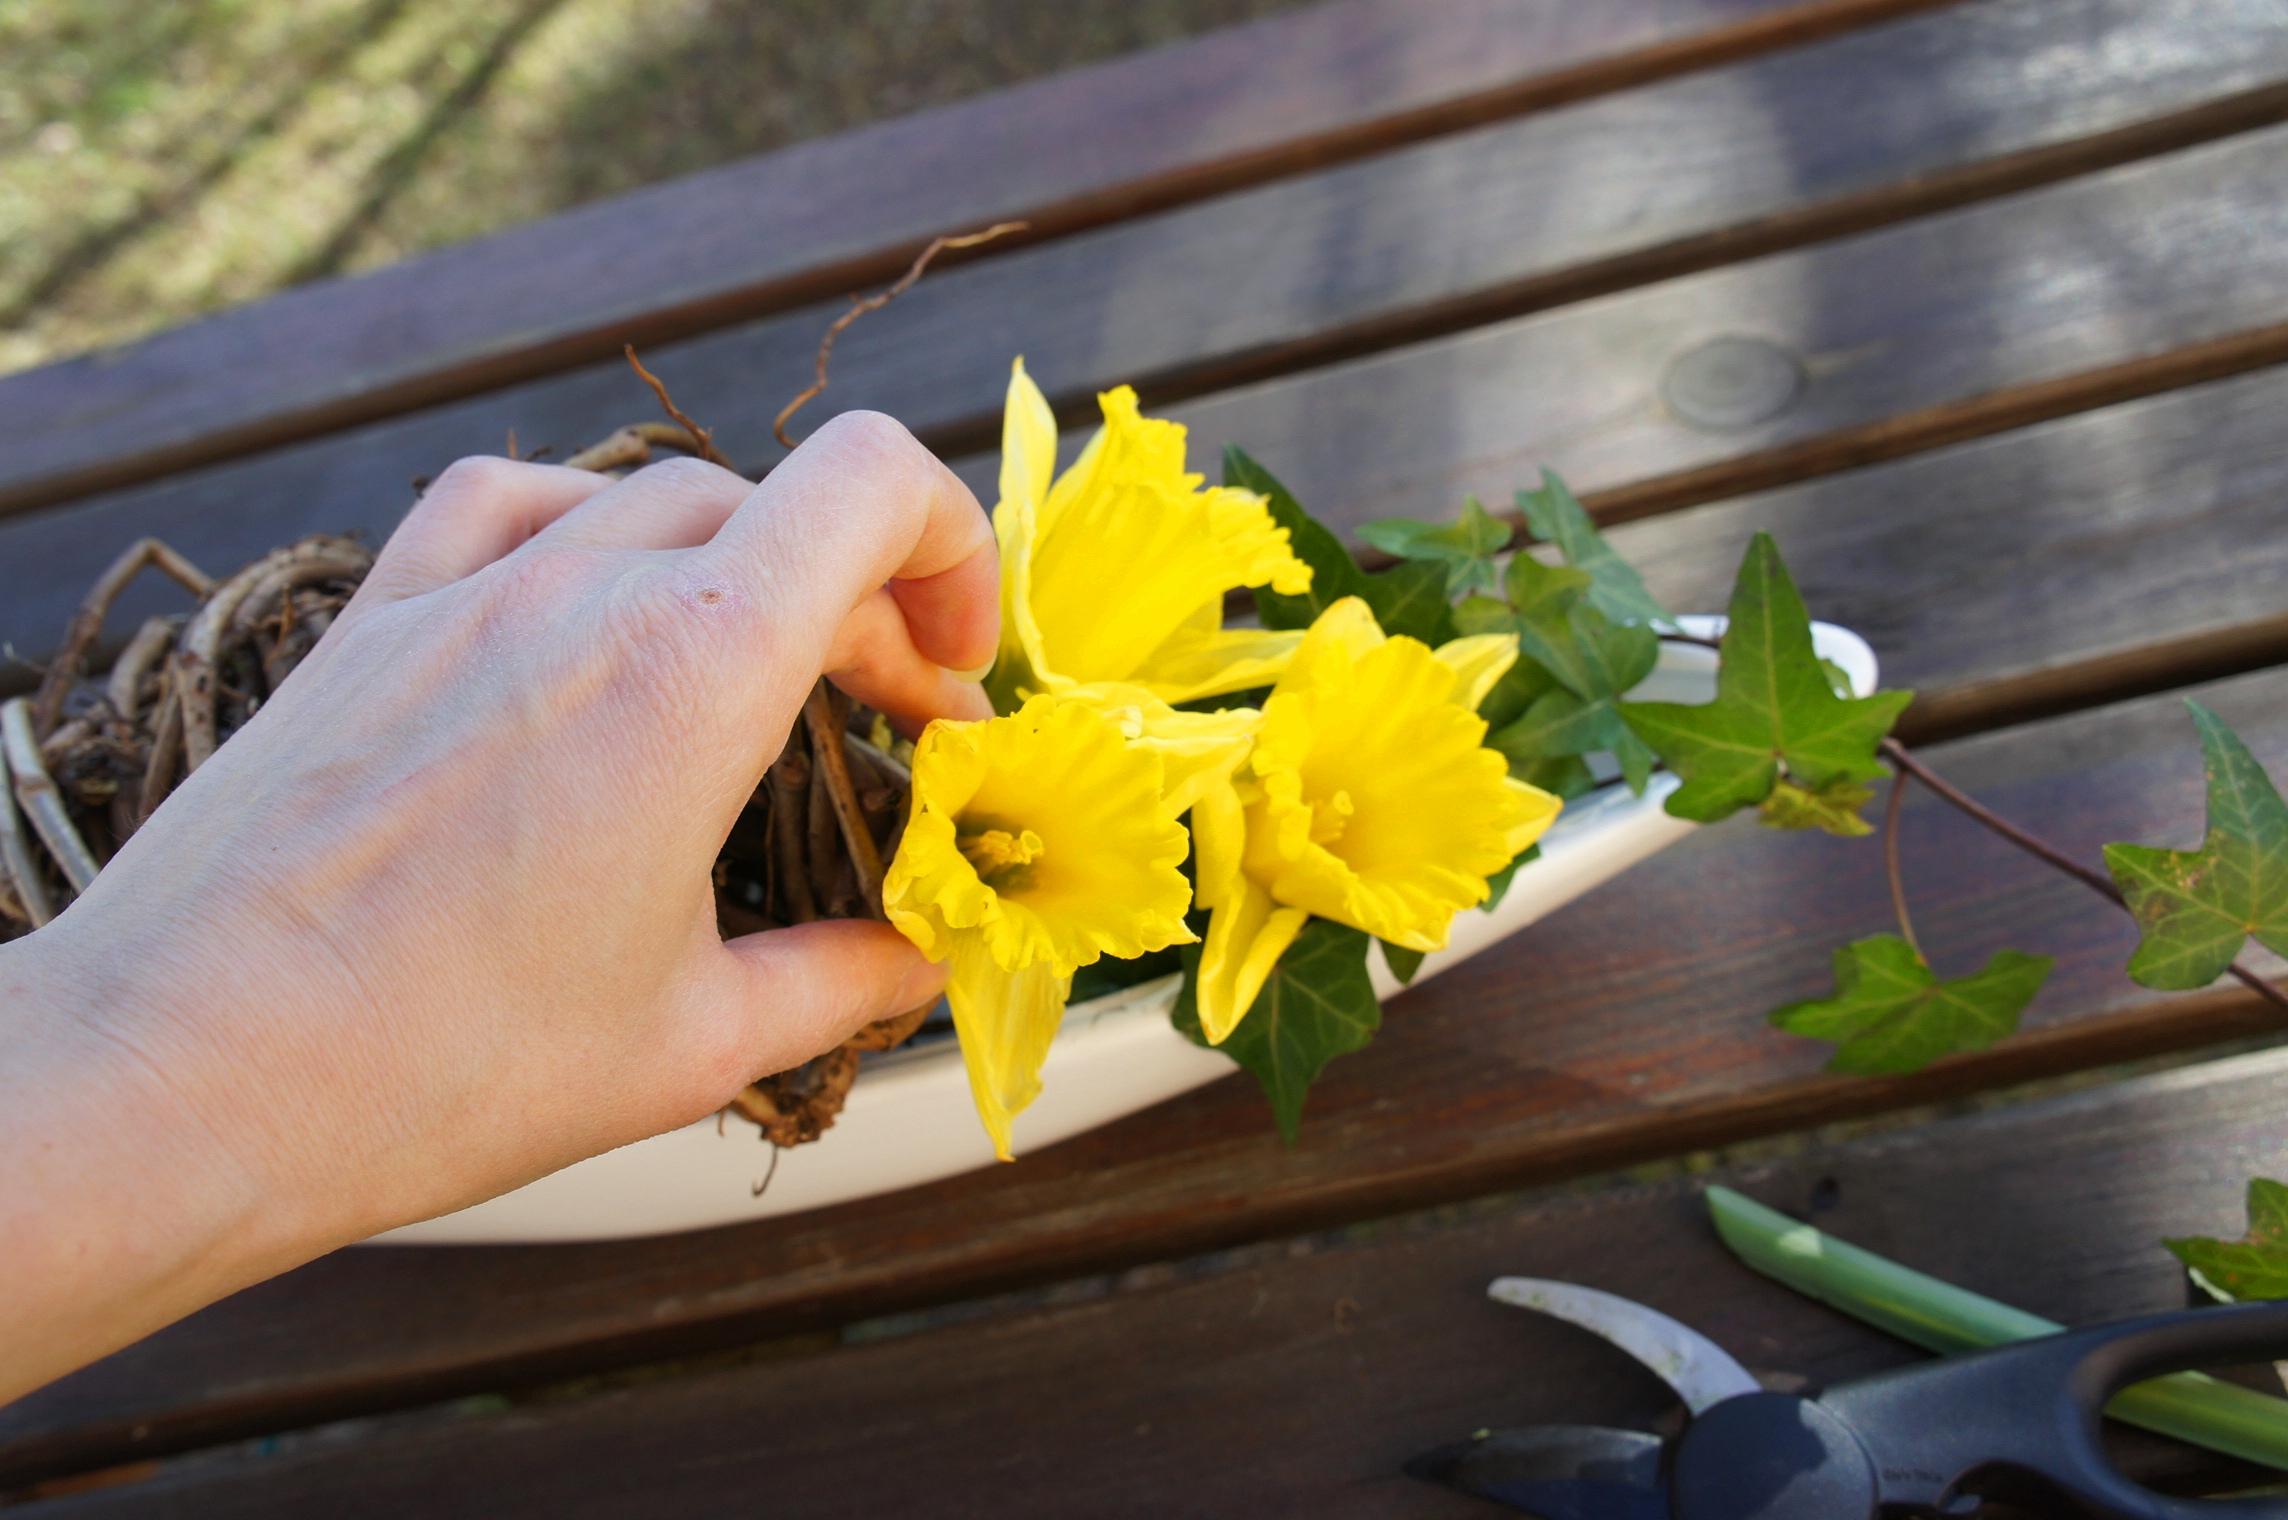 układamy kwiaty przeplatając je przez pędy wina i bluszczu